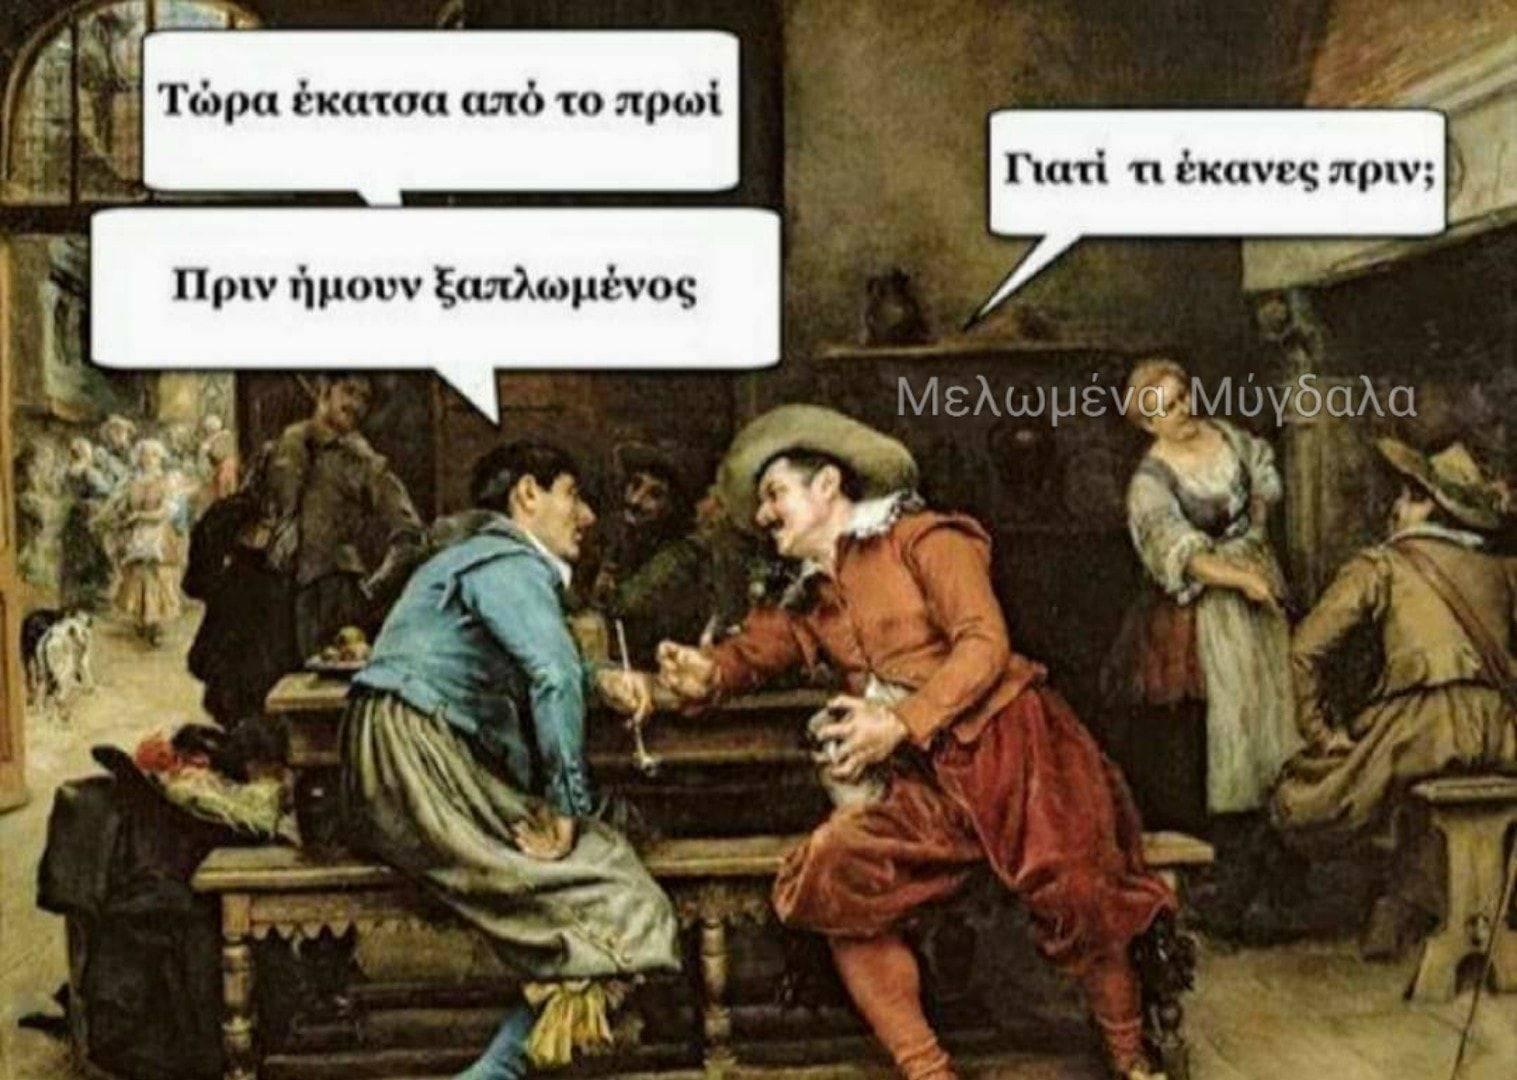 1523 Σαρκαστικά, χιουμοριστικά αρχαία memes 1